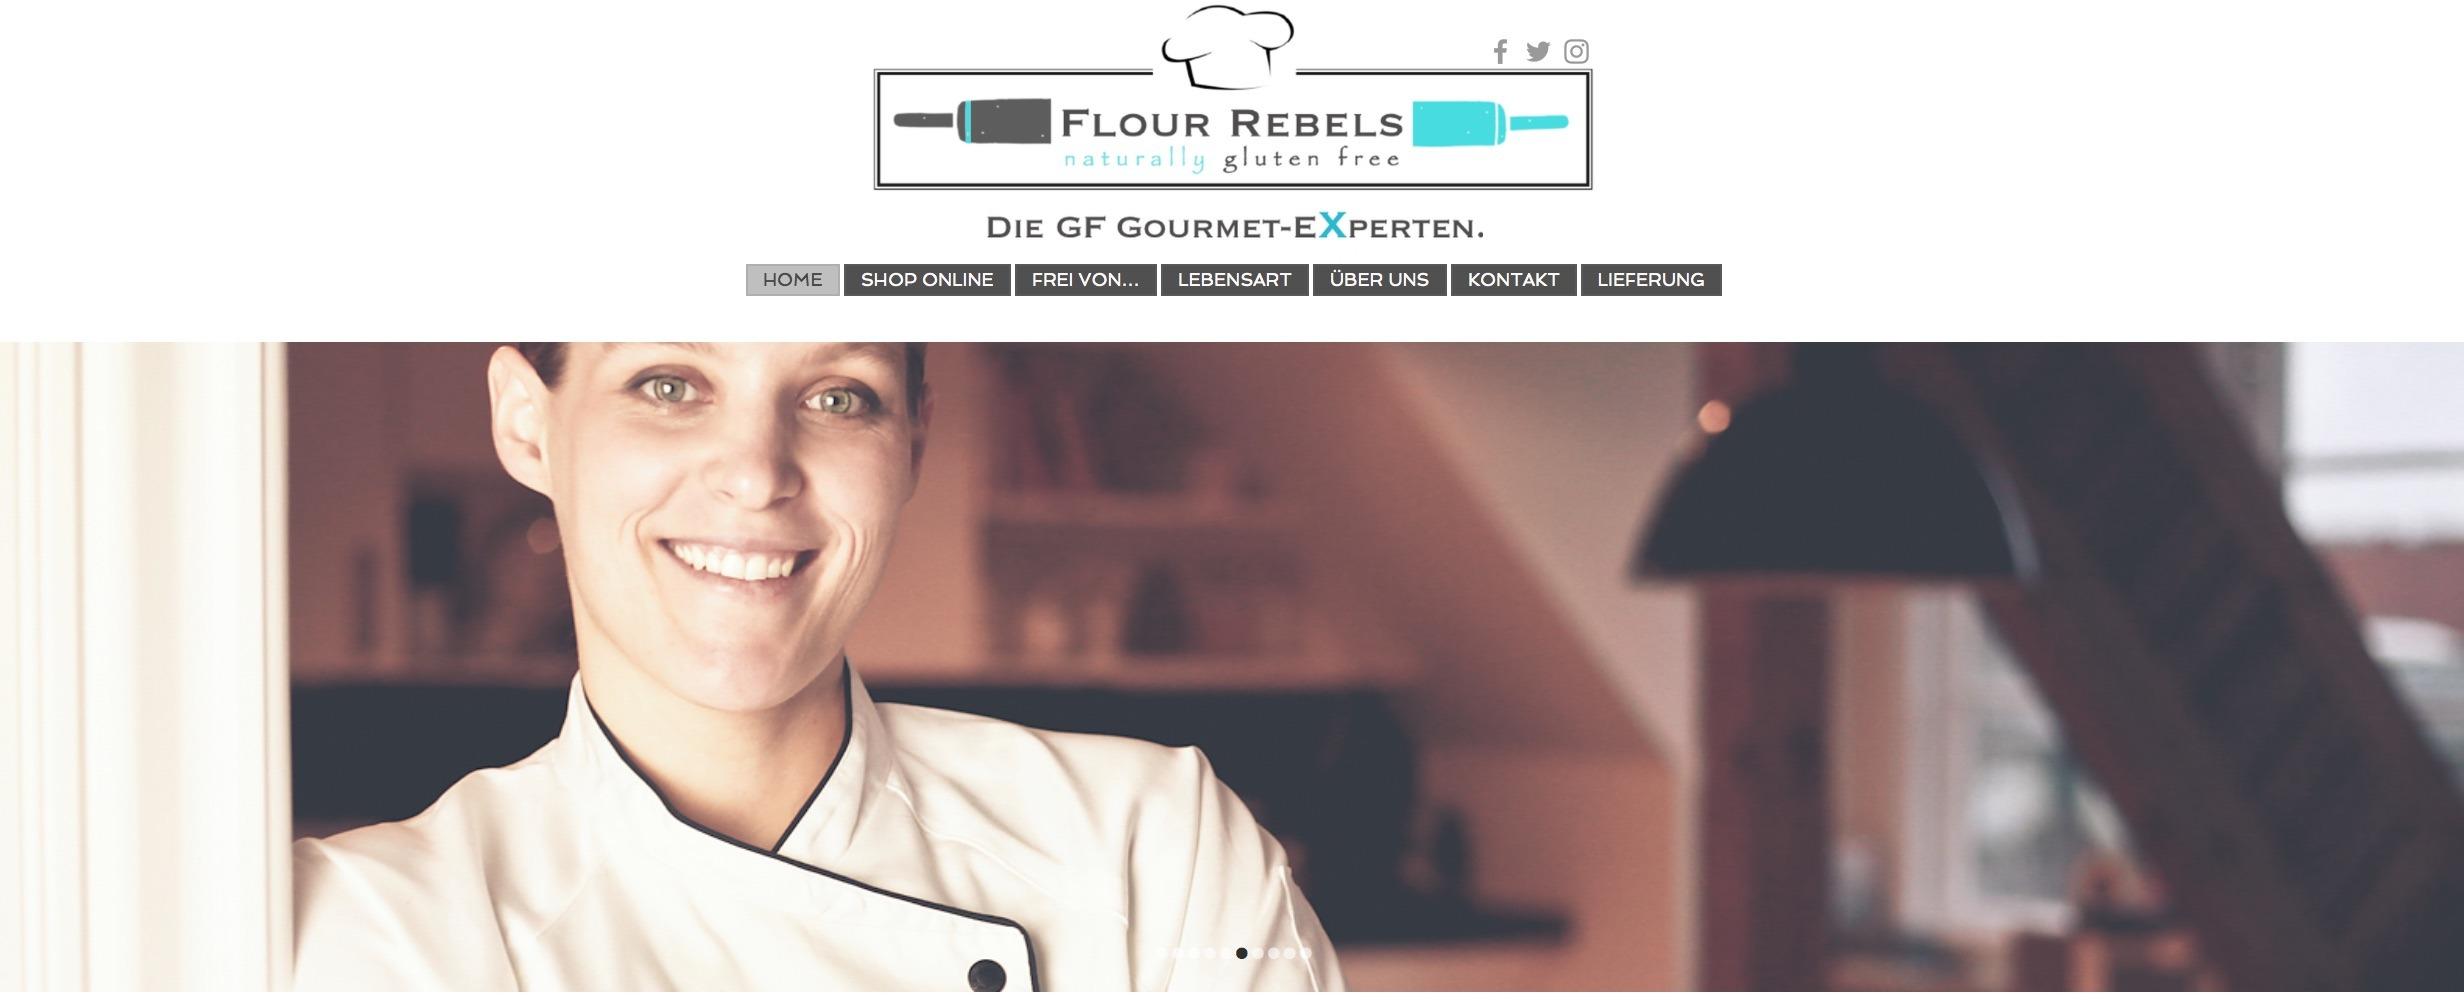 www_flourrebels_com_Gourmet_glutenfrei